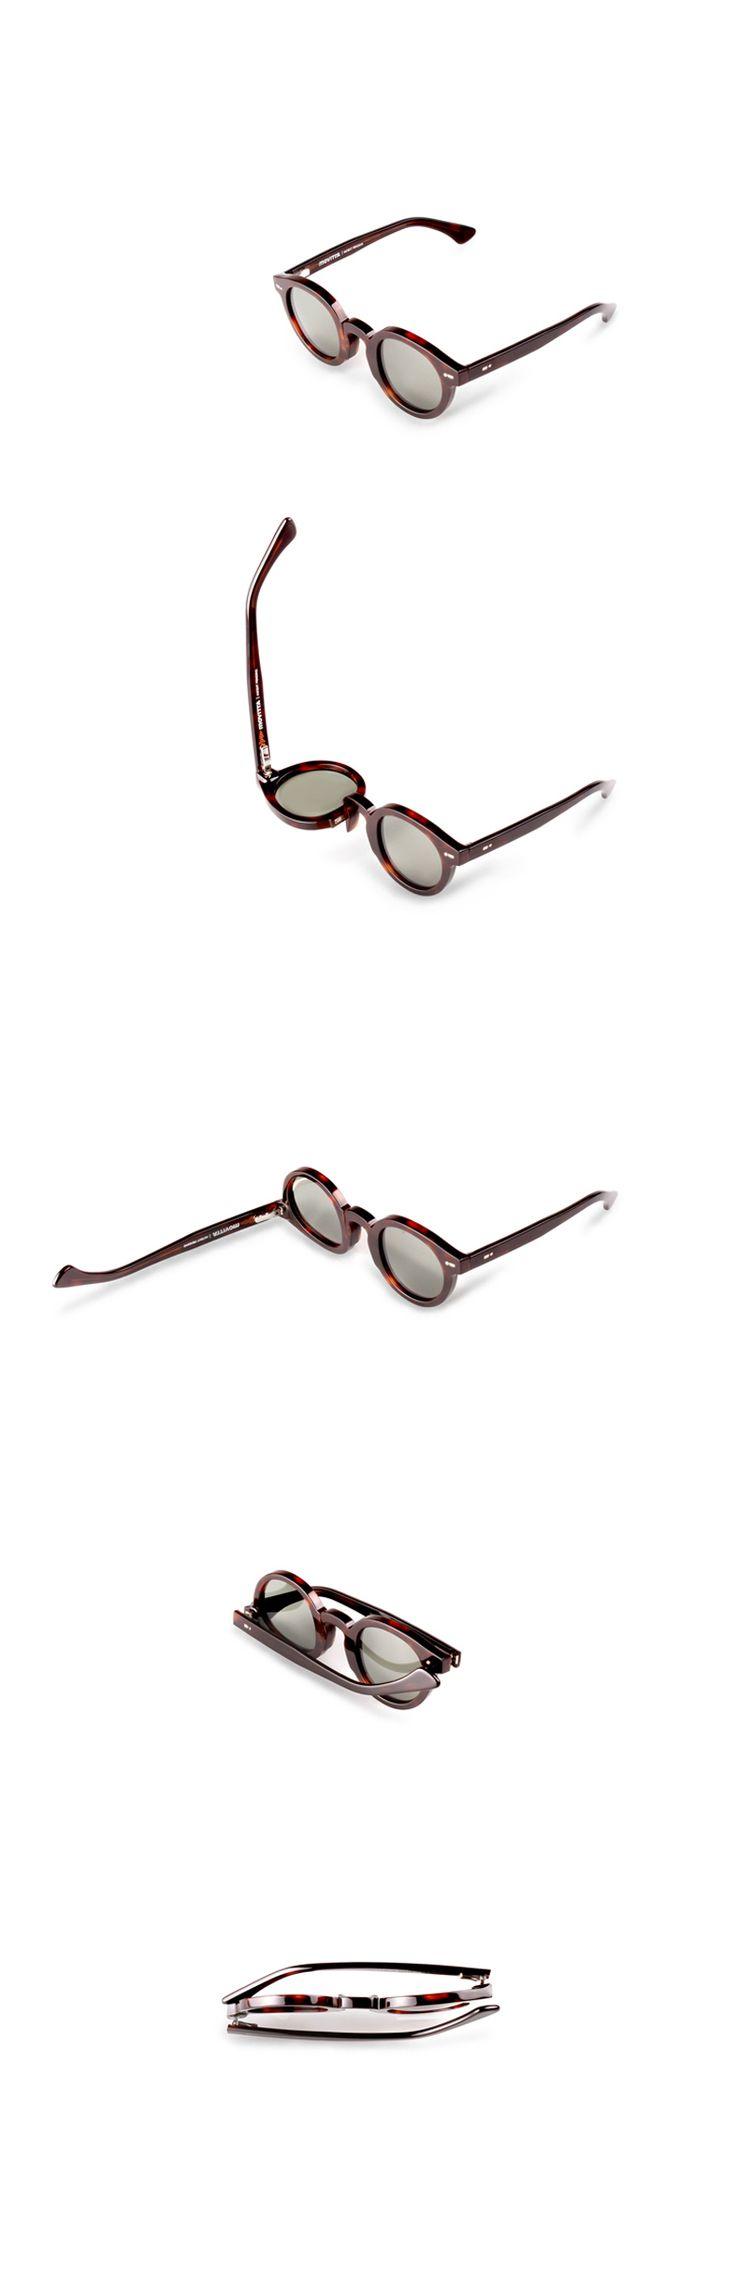 Movitra 315 - Havana scuro con lente verde #sunglasses #movitra #movitraspectacles #spectacles #glasses #eyewear